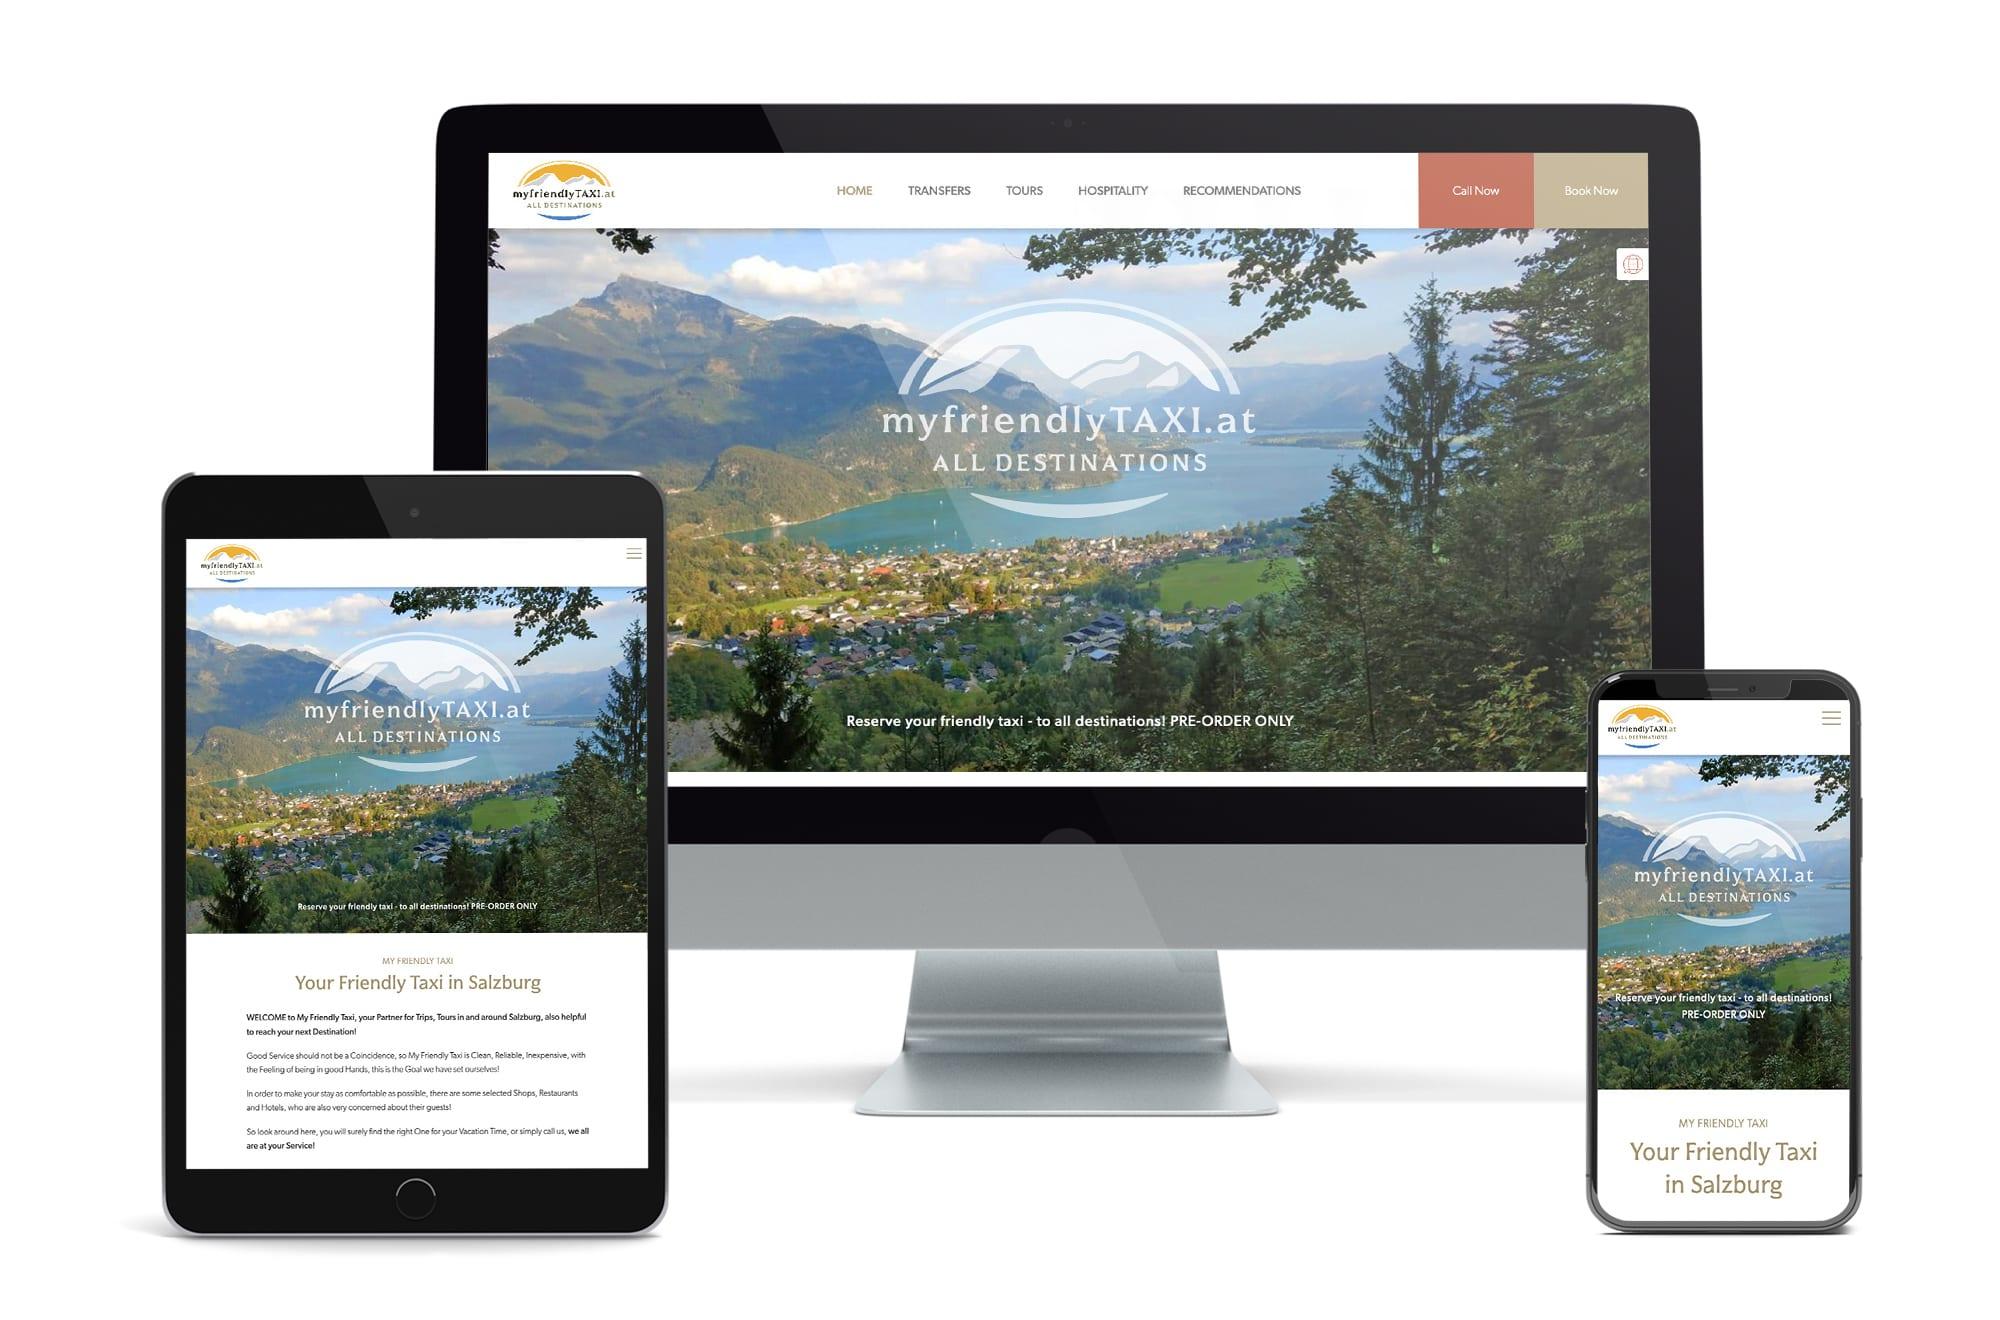 Webdesign Beispiel: Neue Website für Taxi & Private Touren in Salzburg